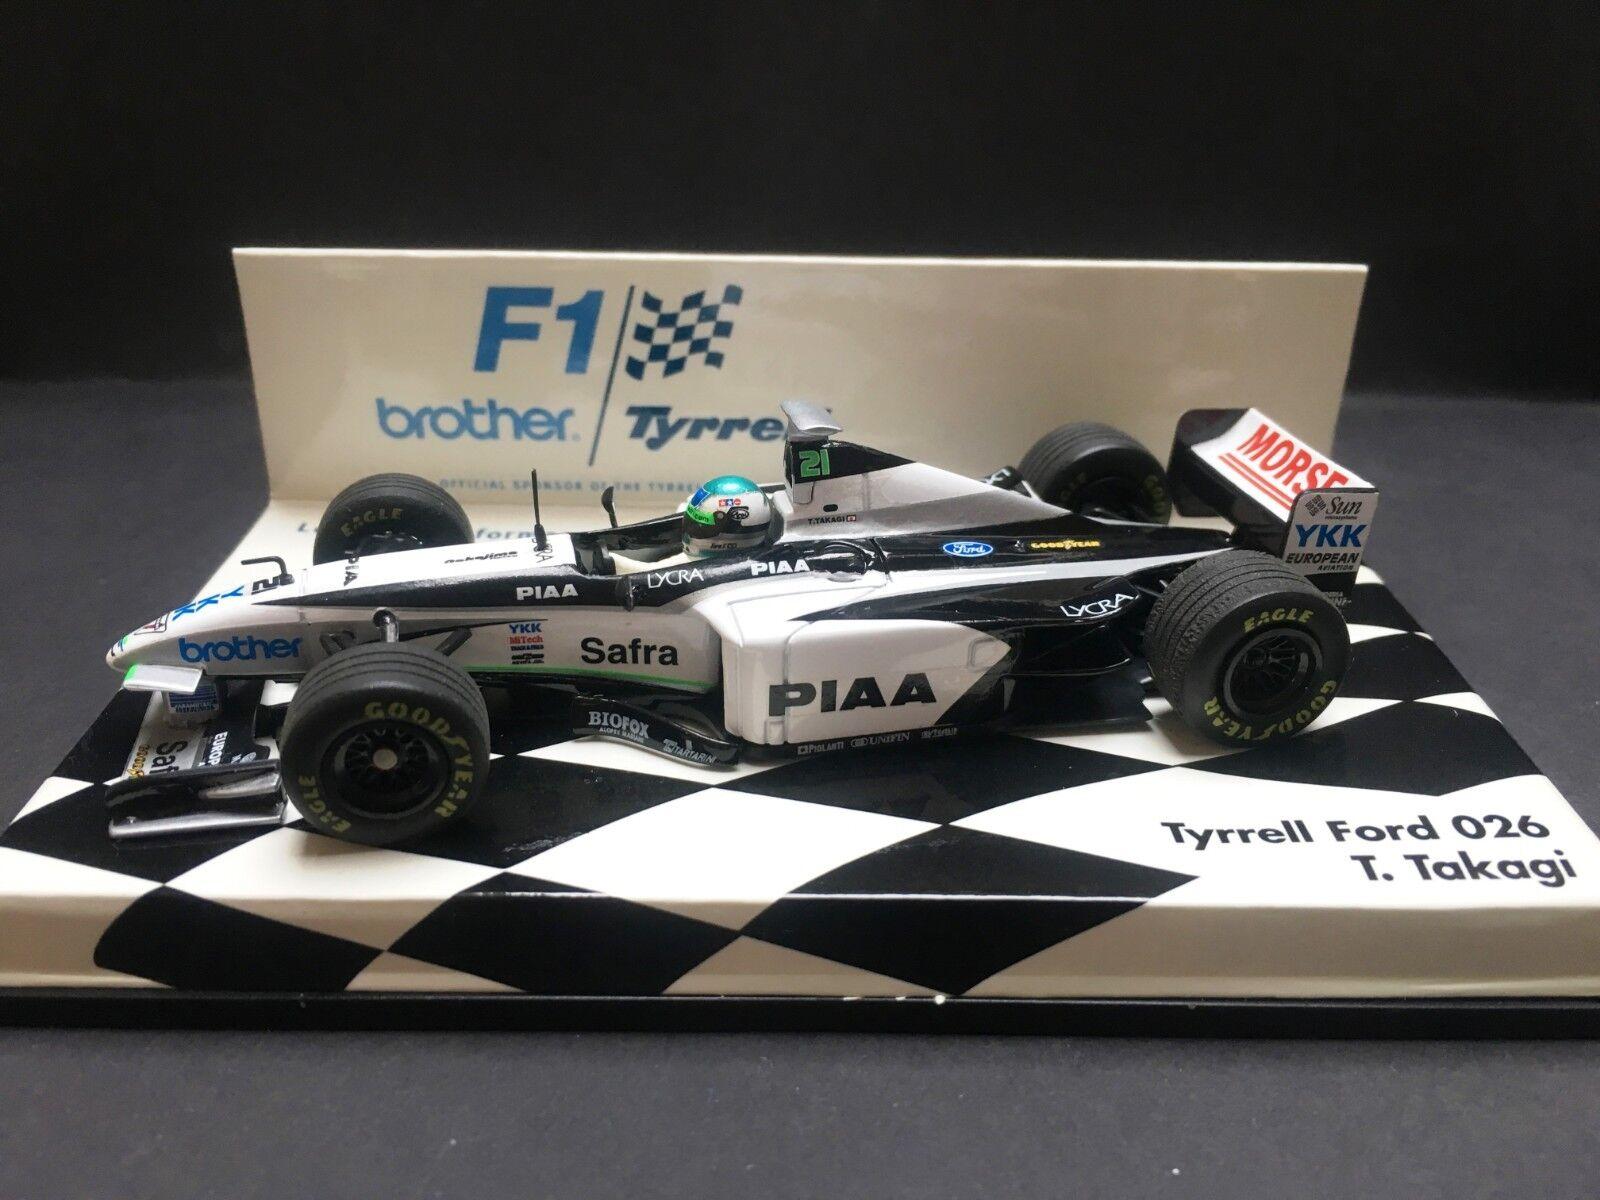 la migliore selezione di Minichamps - Toranosuke Takagi - Tyrrell - 026 026 026 - 1998 - 1 43 - Brossoher Promo  marchio in liquidazione